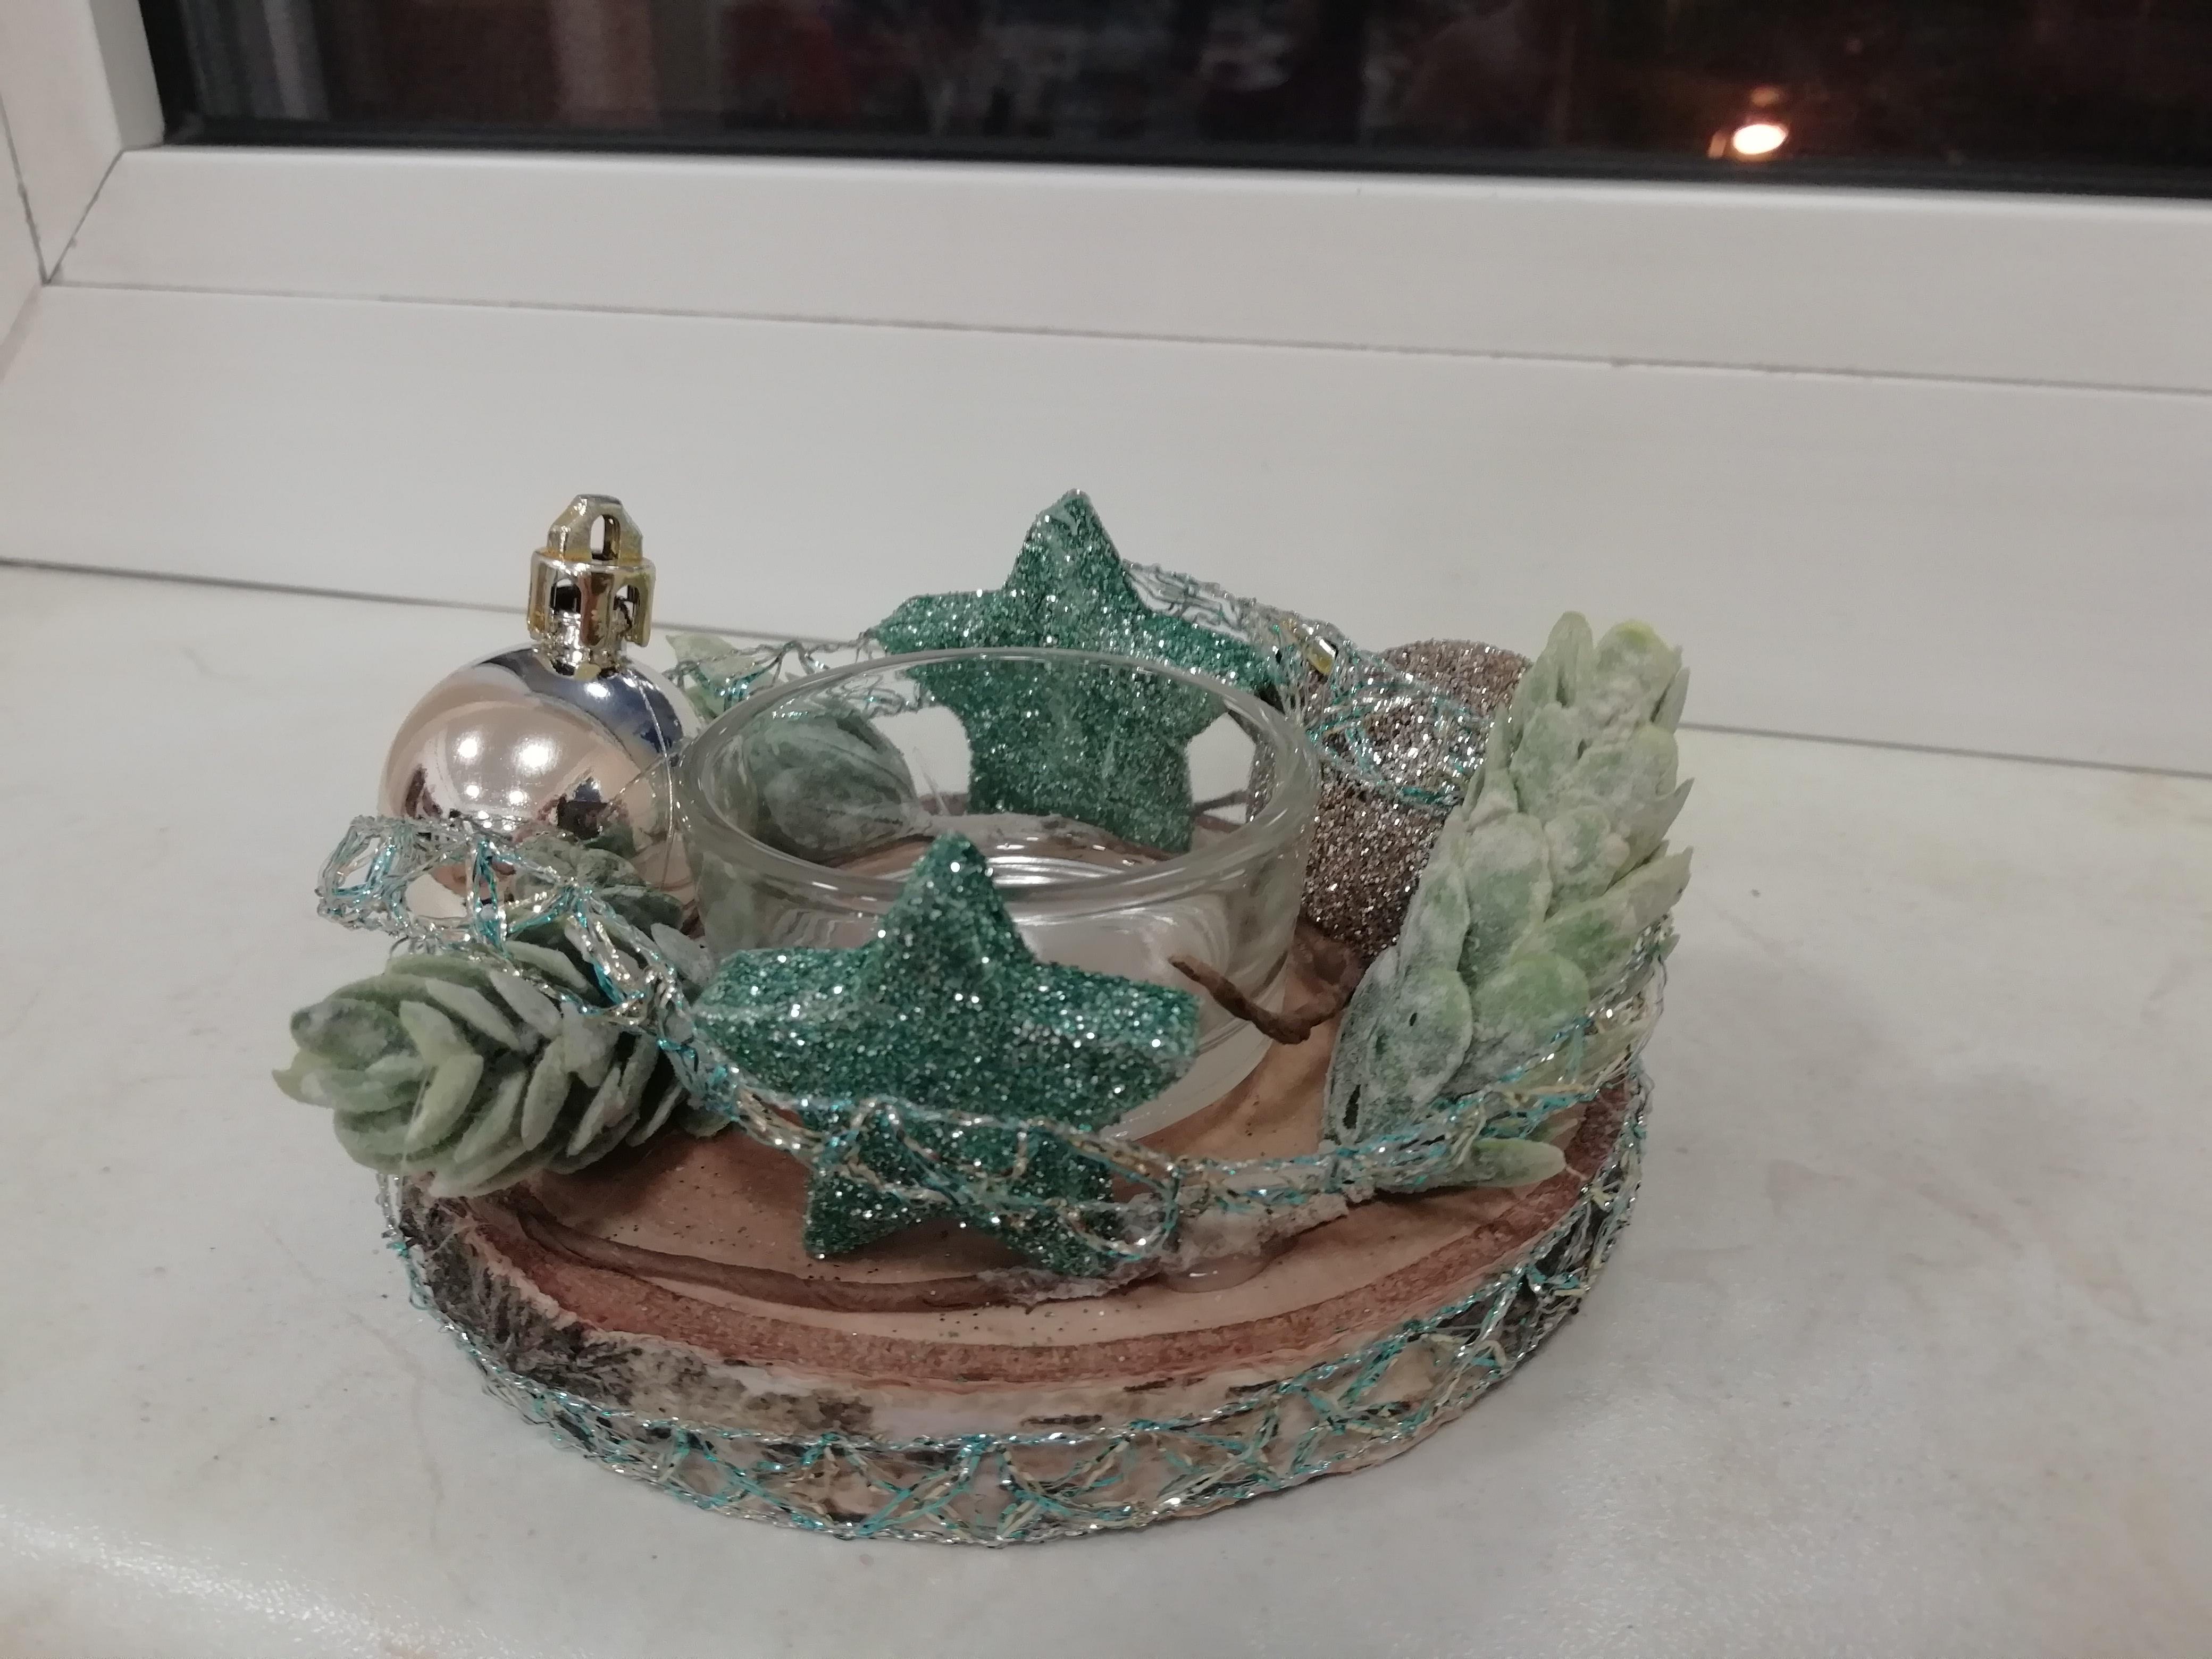 dekorative Weihnachtsplatten